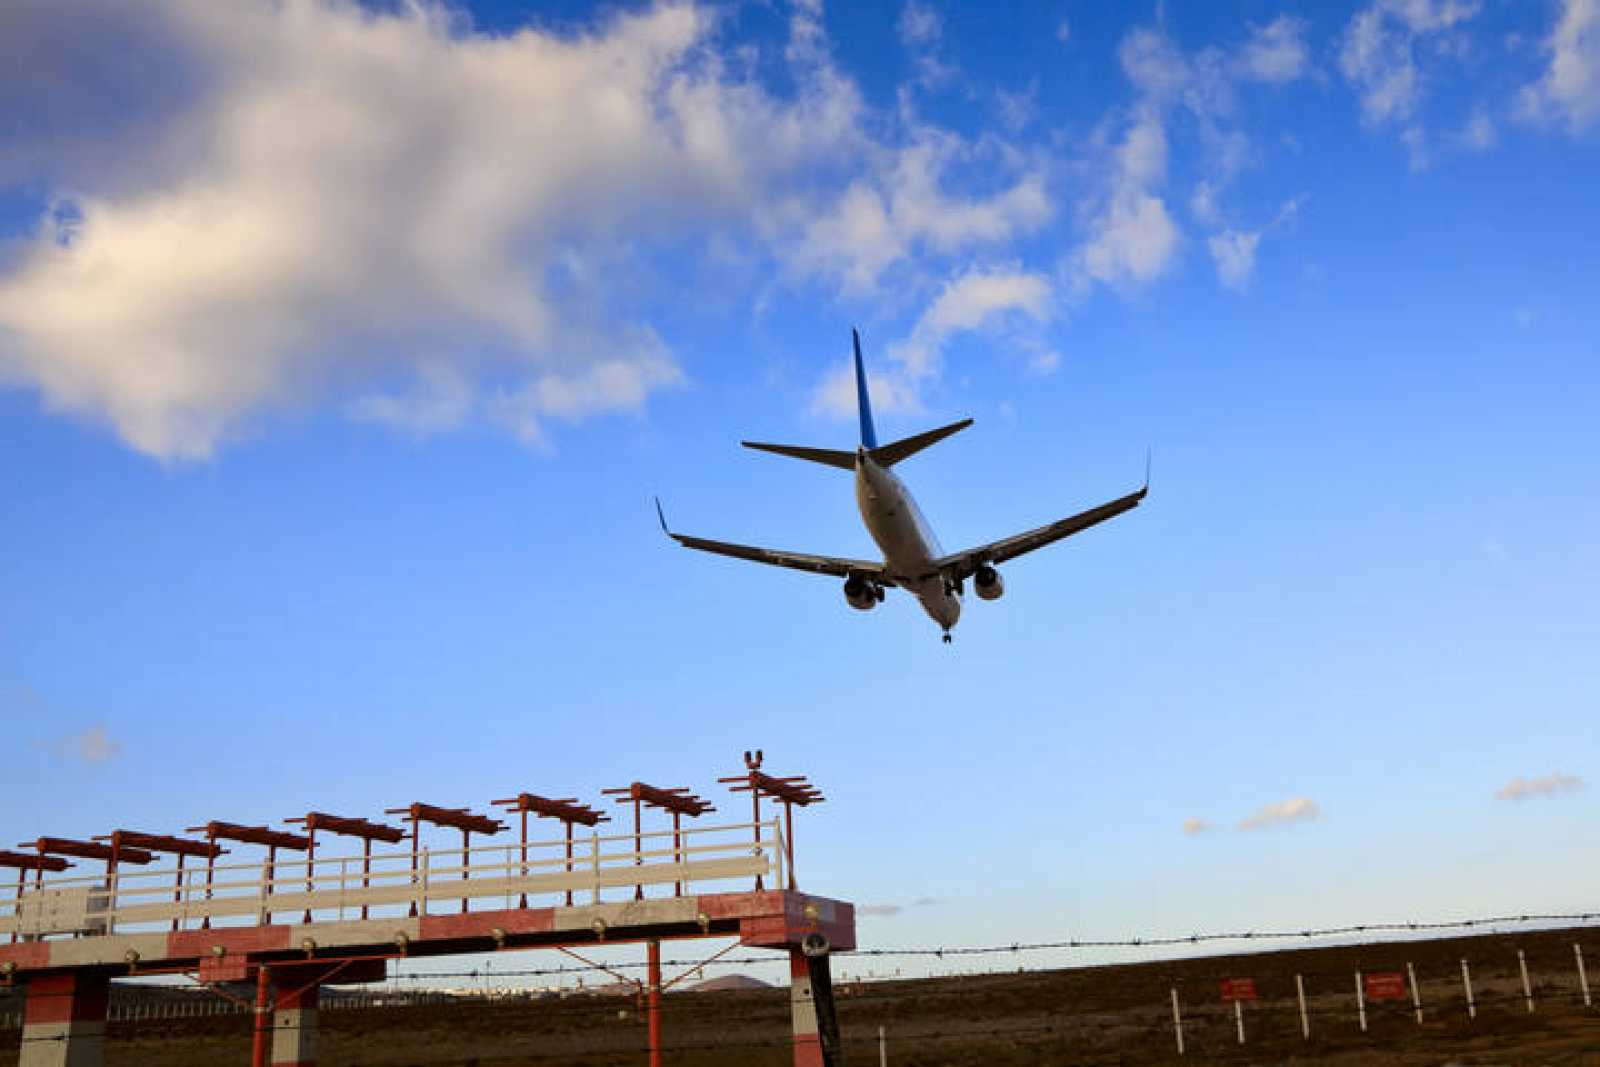 Un avión aterriza en el aeropuerto de Tenerife